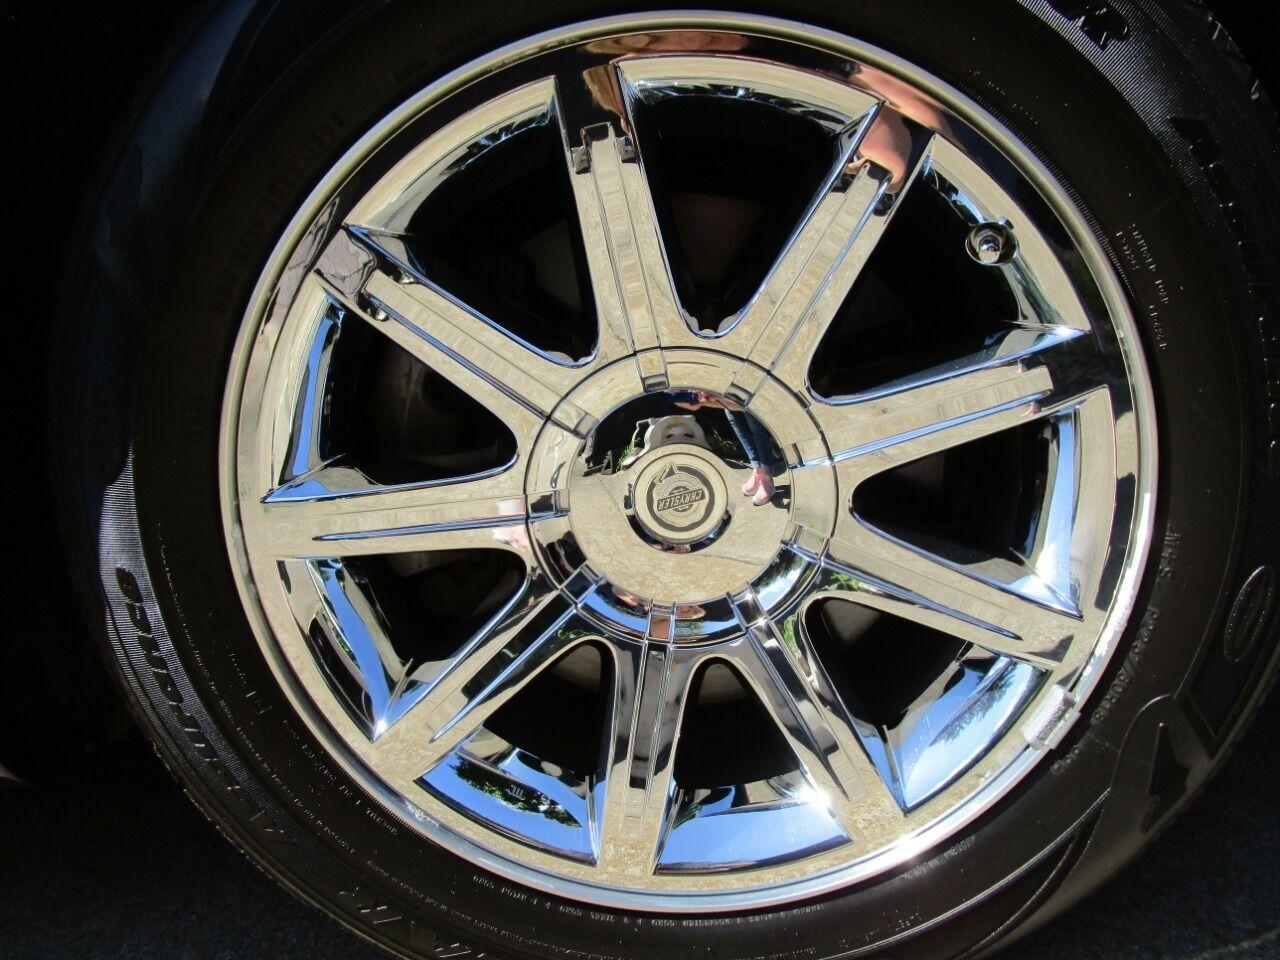 2006 Chrysler 300 7